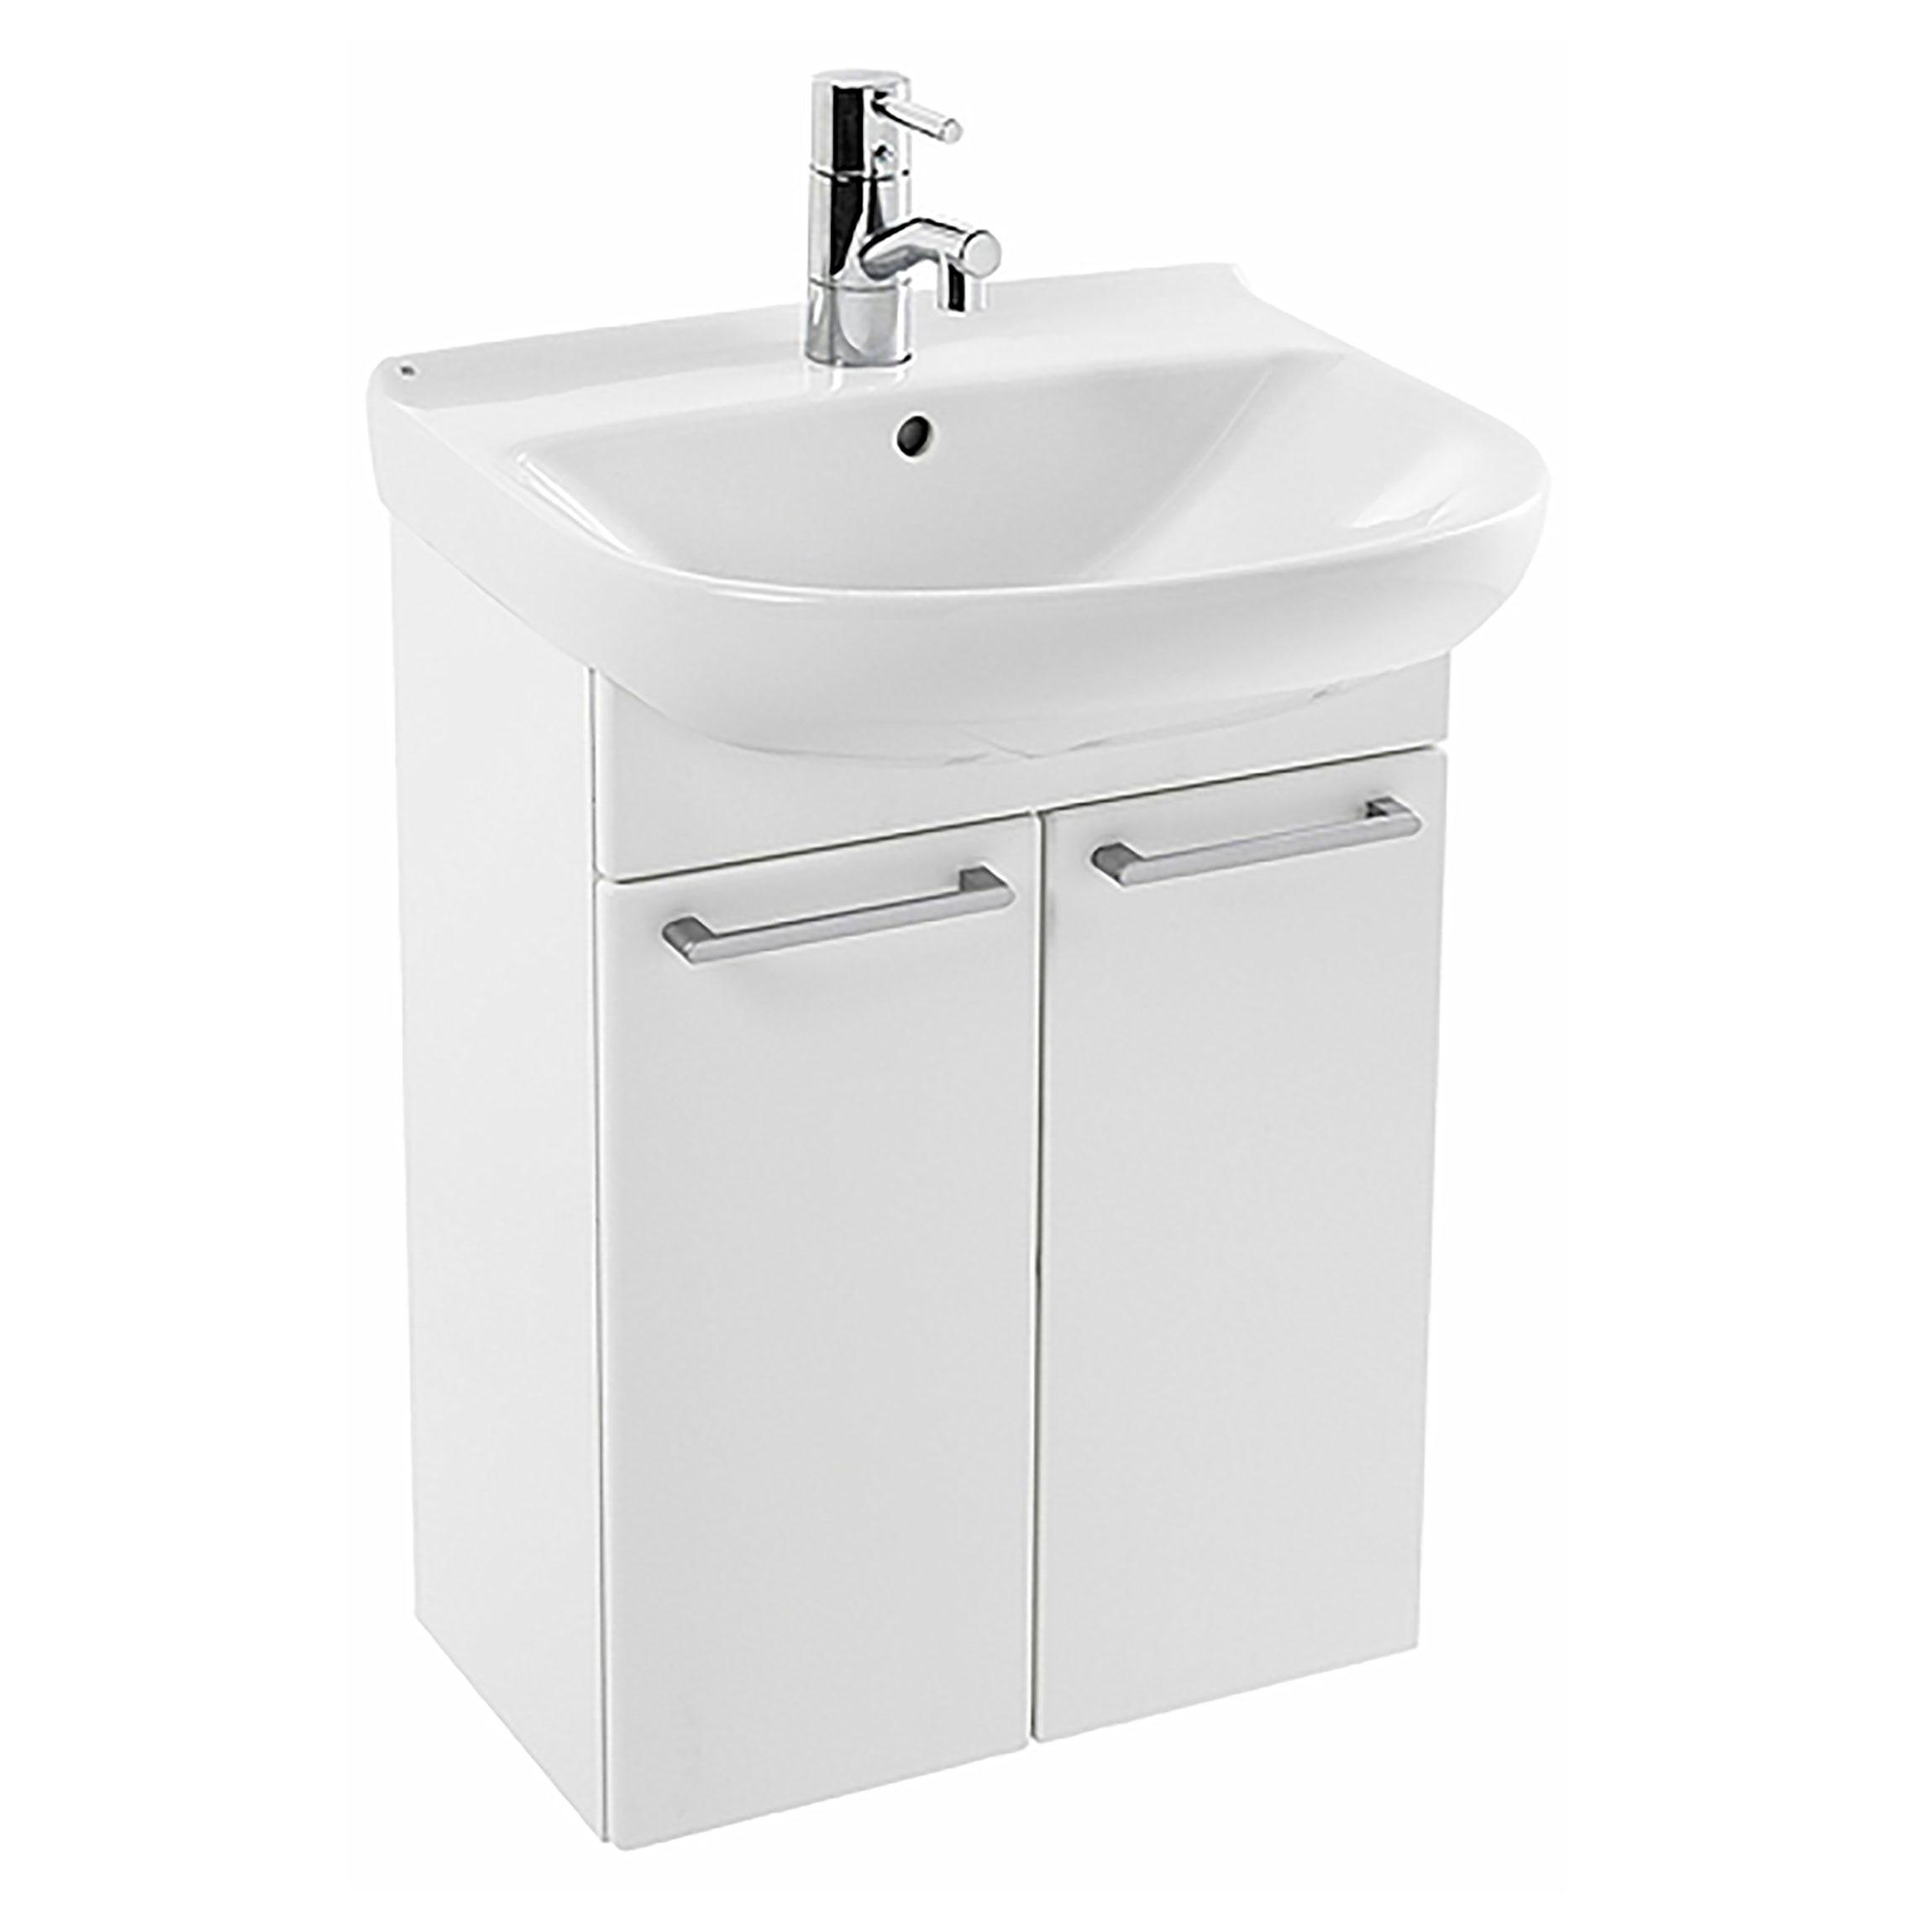 Tvättställsskåp Ifö Cera